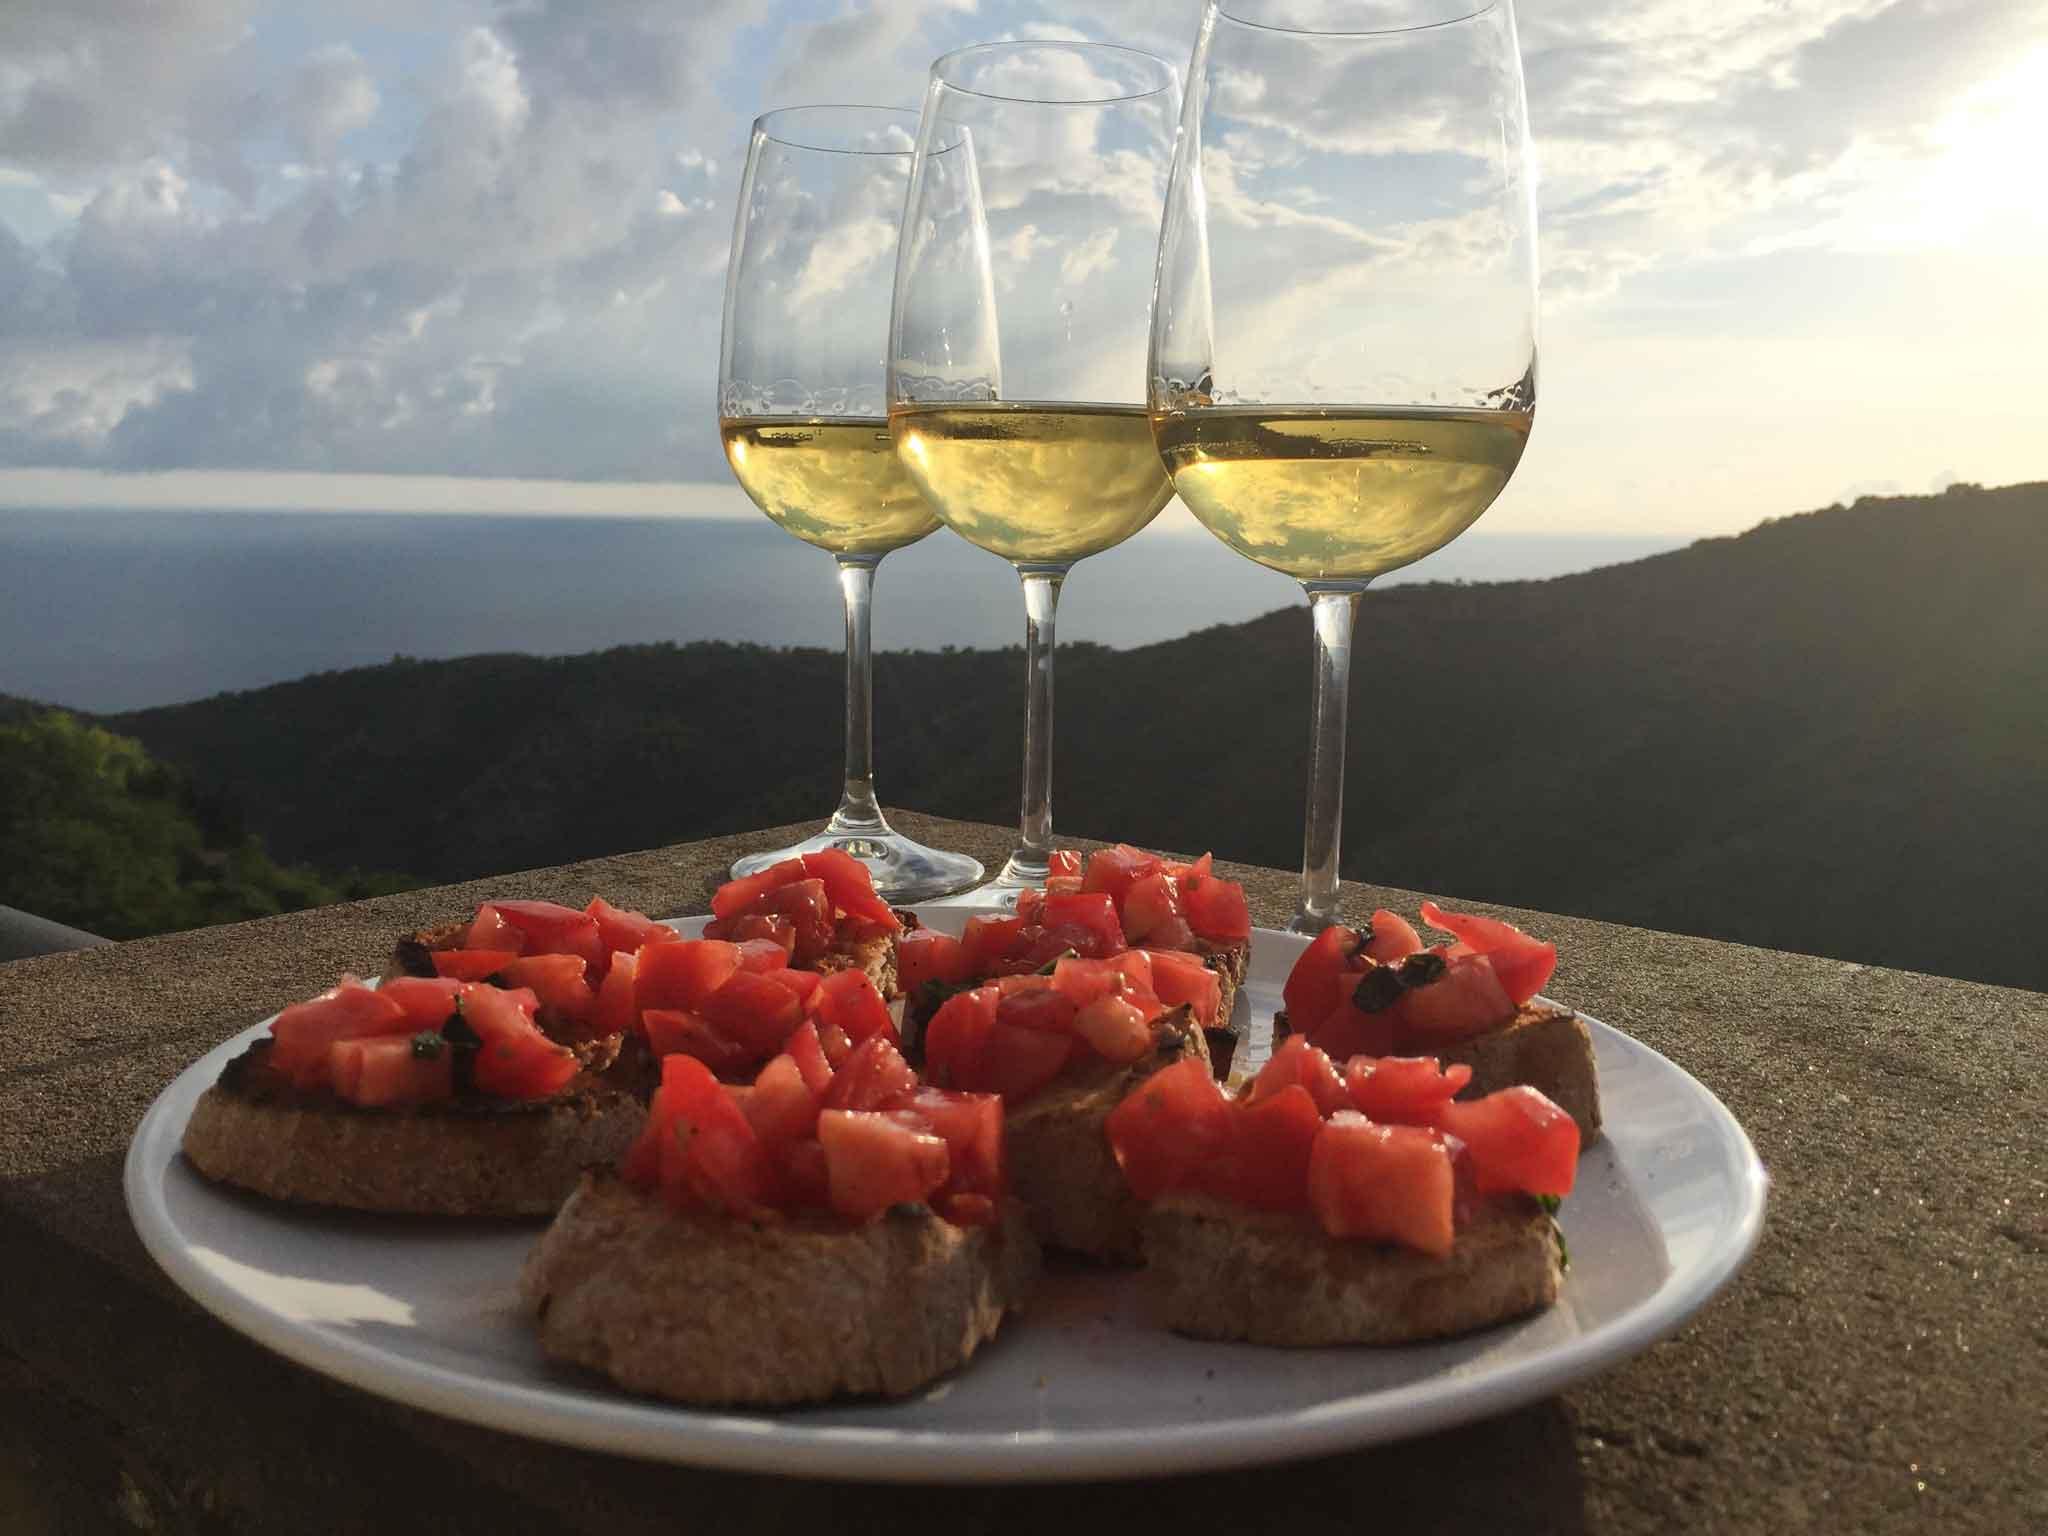 vino e bruschetta mare Acciaroli da Cannicchio